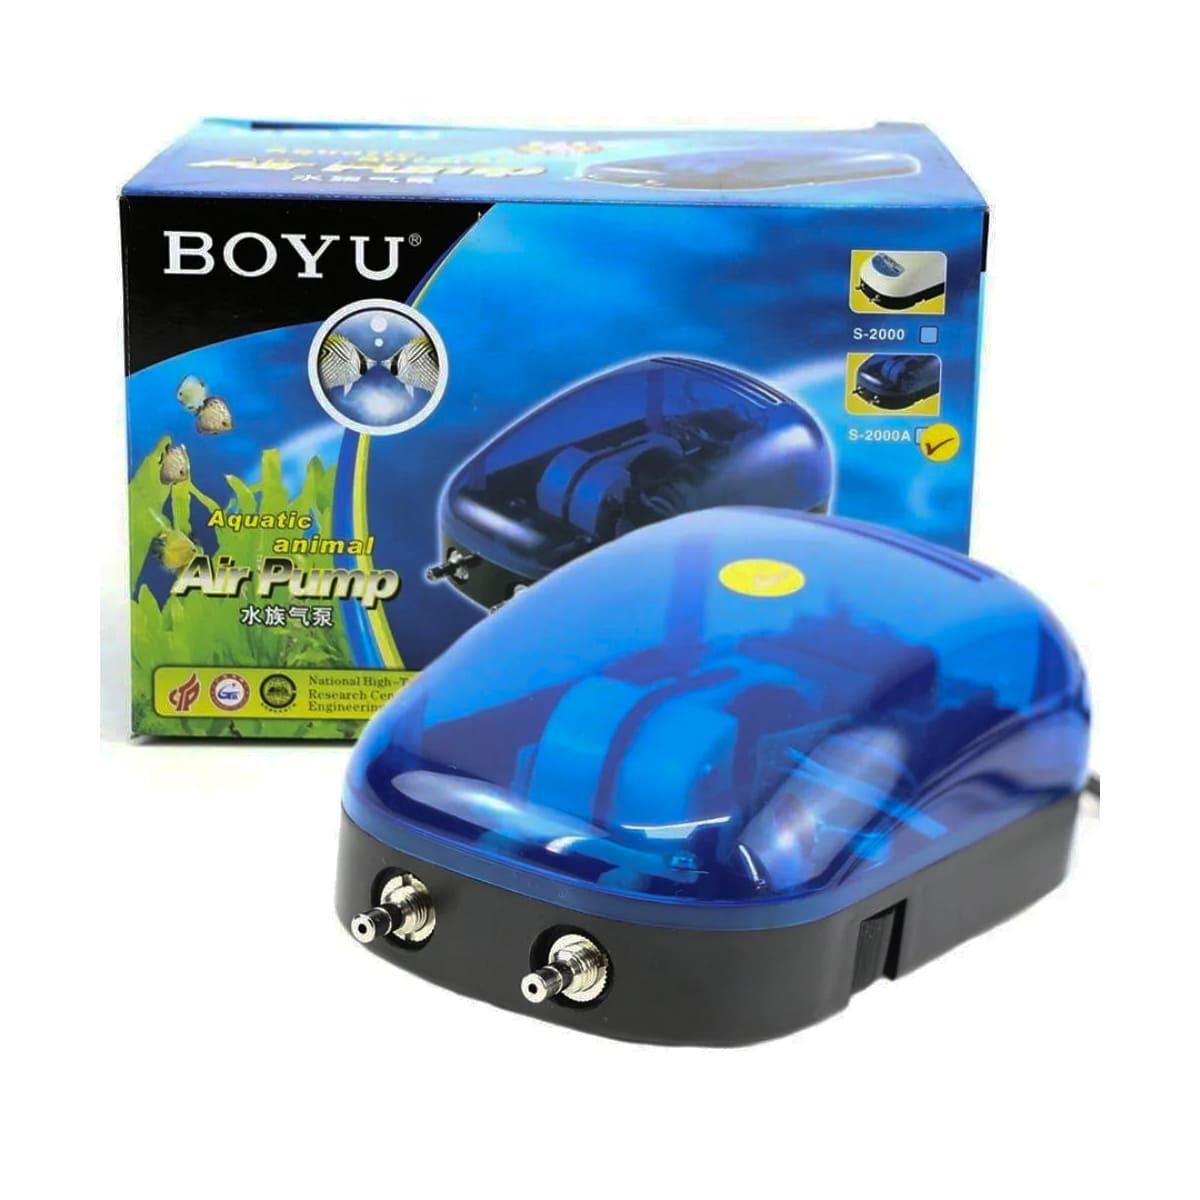 Compressor de Ar Boyu S 2000A Duas Saídas 4,0 l/min